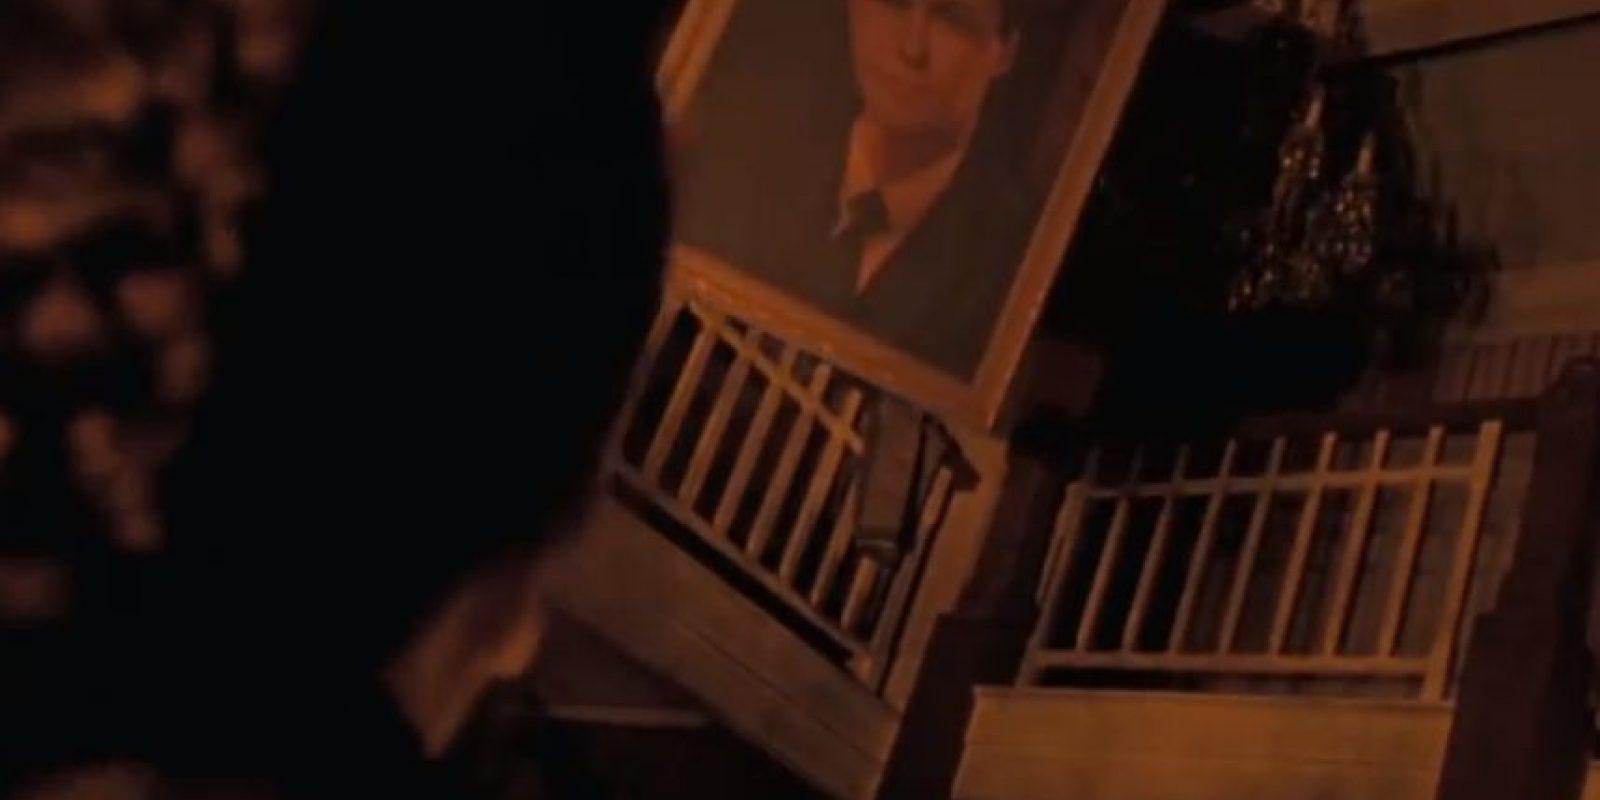 """3. El cuadro de """"Magnus"""", padre de la profesora """"Miel"""" en realidad es un retrato de Roald Dahl, autor del libro y creador de """"Matilda"""". Foto:vía TriStar"""